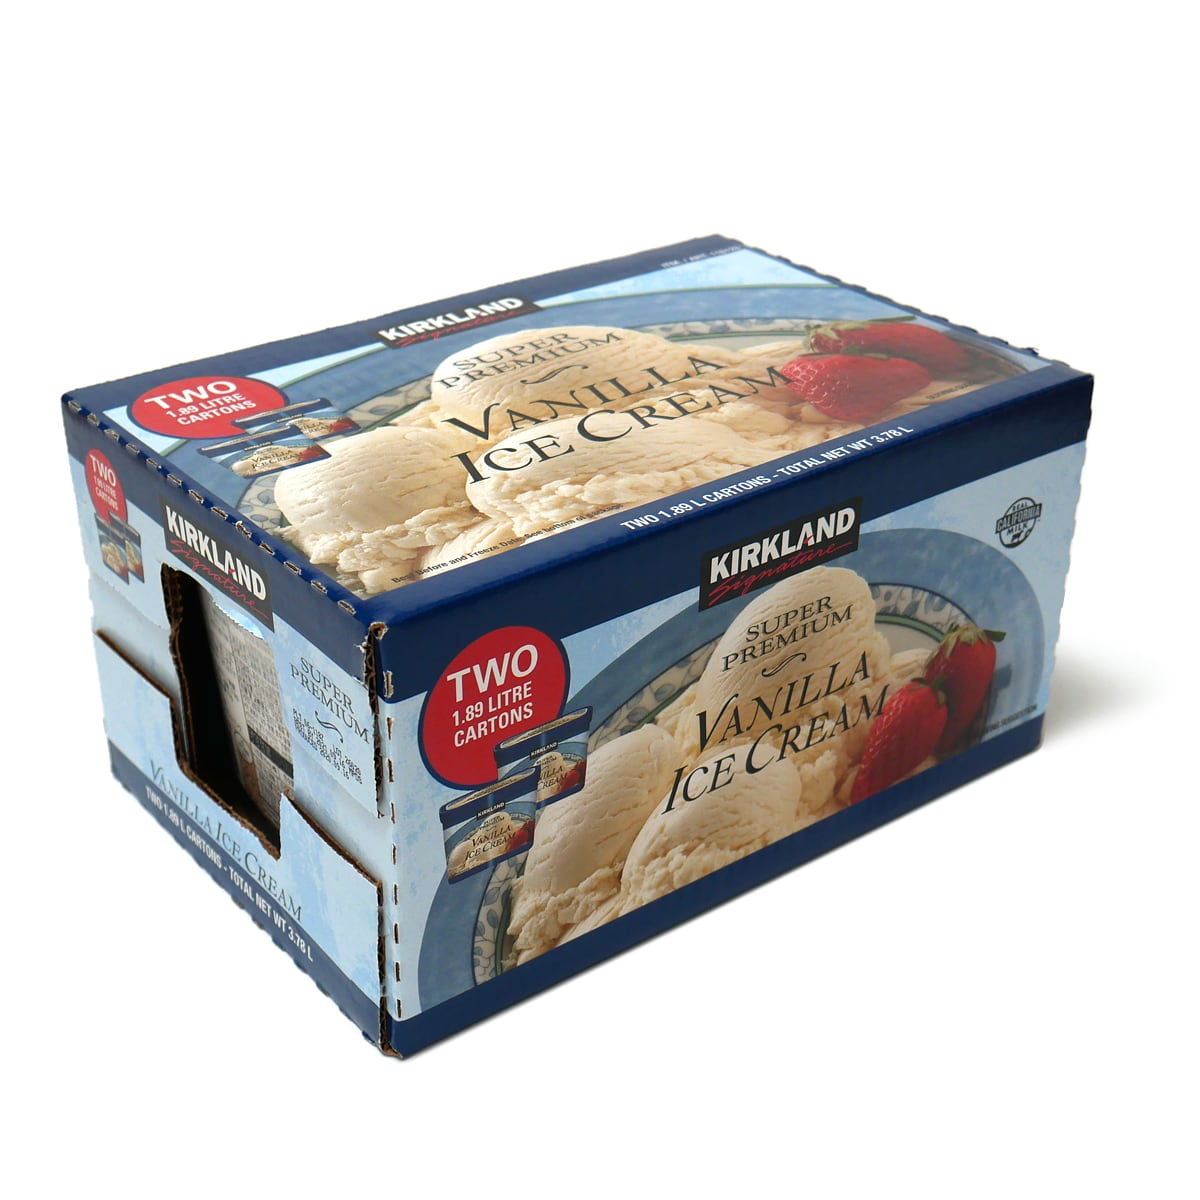 カークランドシグネチャー スーパープレミアムバニラアイスクリーム  1.89kg×2 外装パッケージ